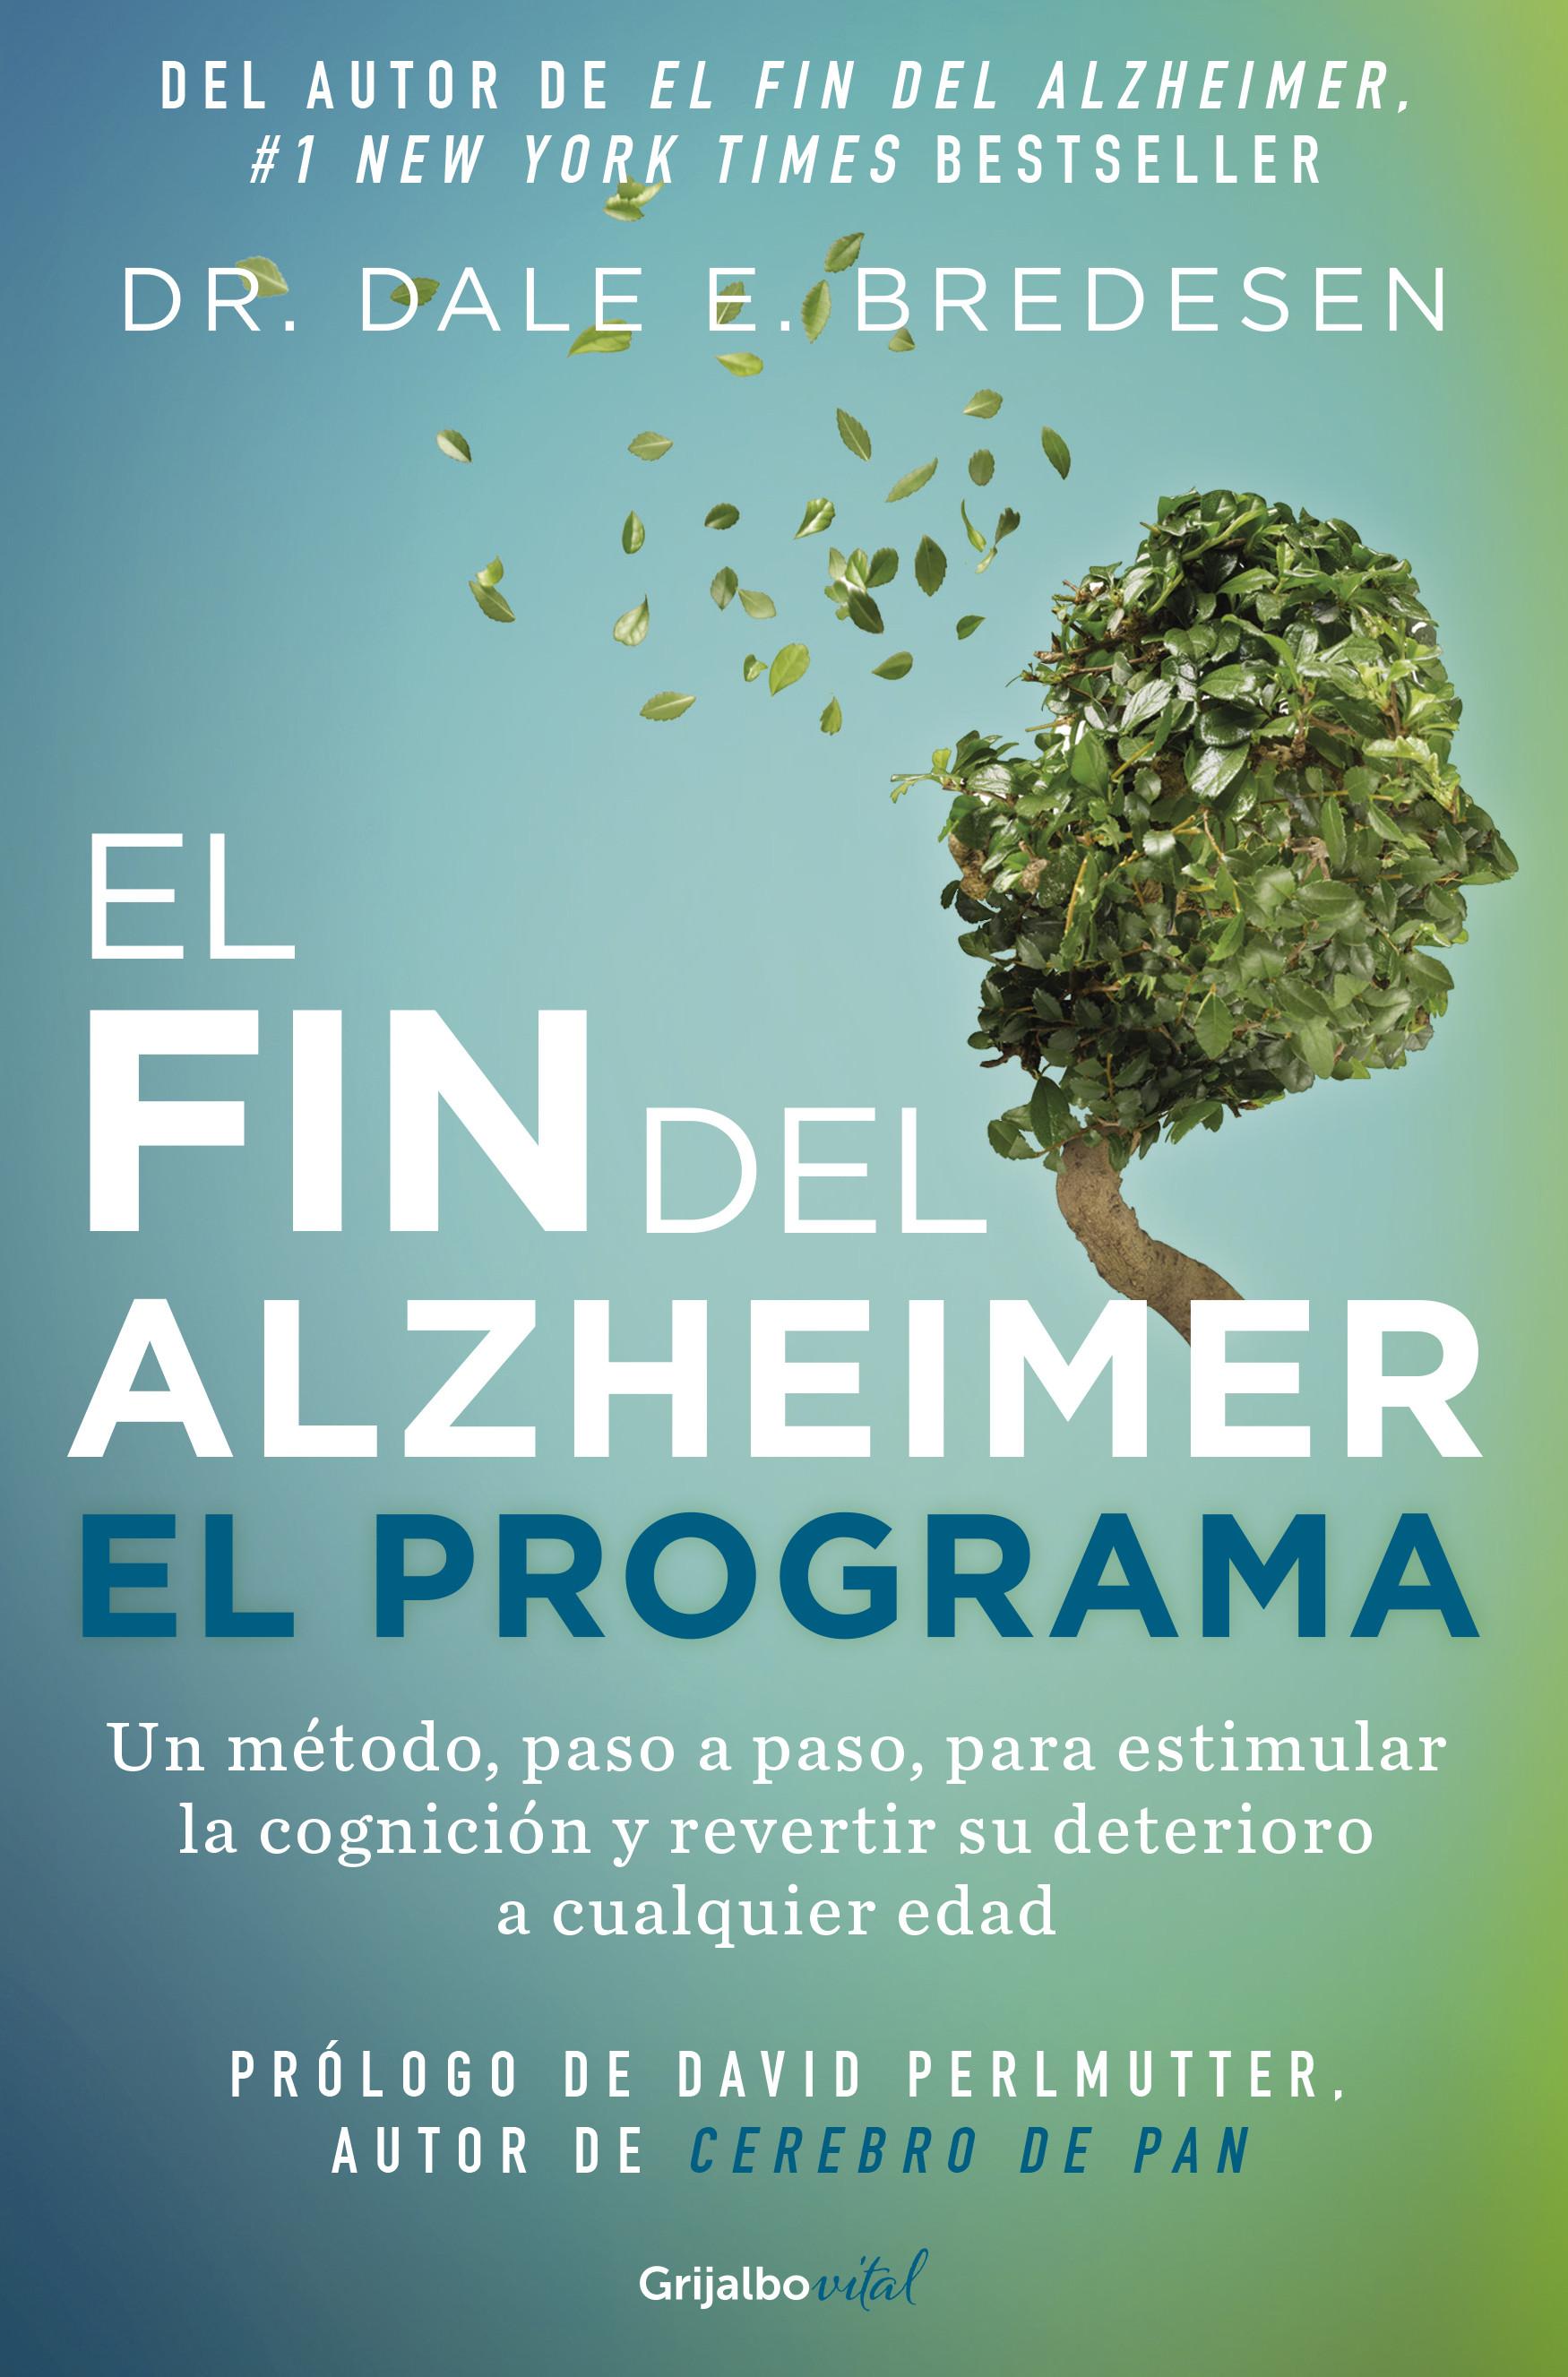 El fin del alzheimer -  El programa